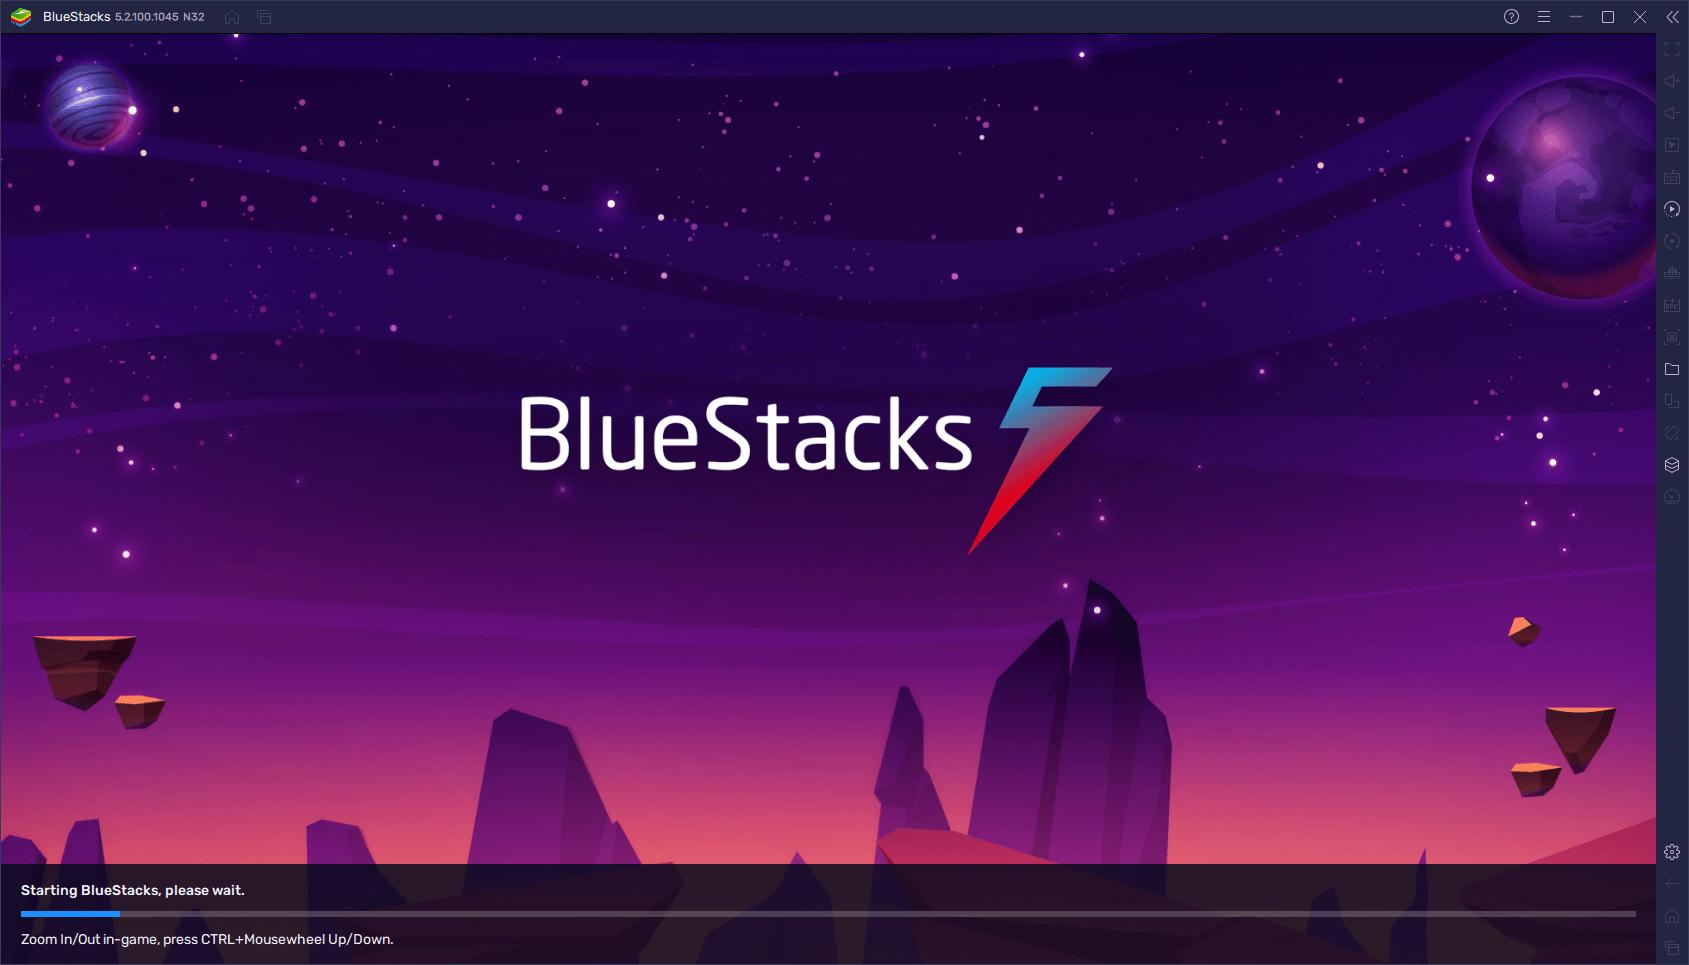 BlueStacks cập nhật: Chính thức hỗ trợ Android 9